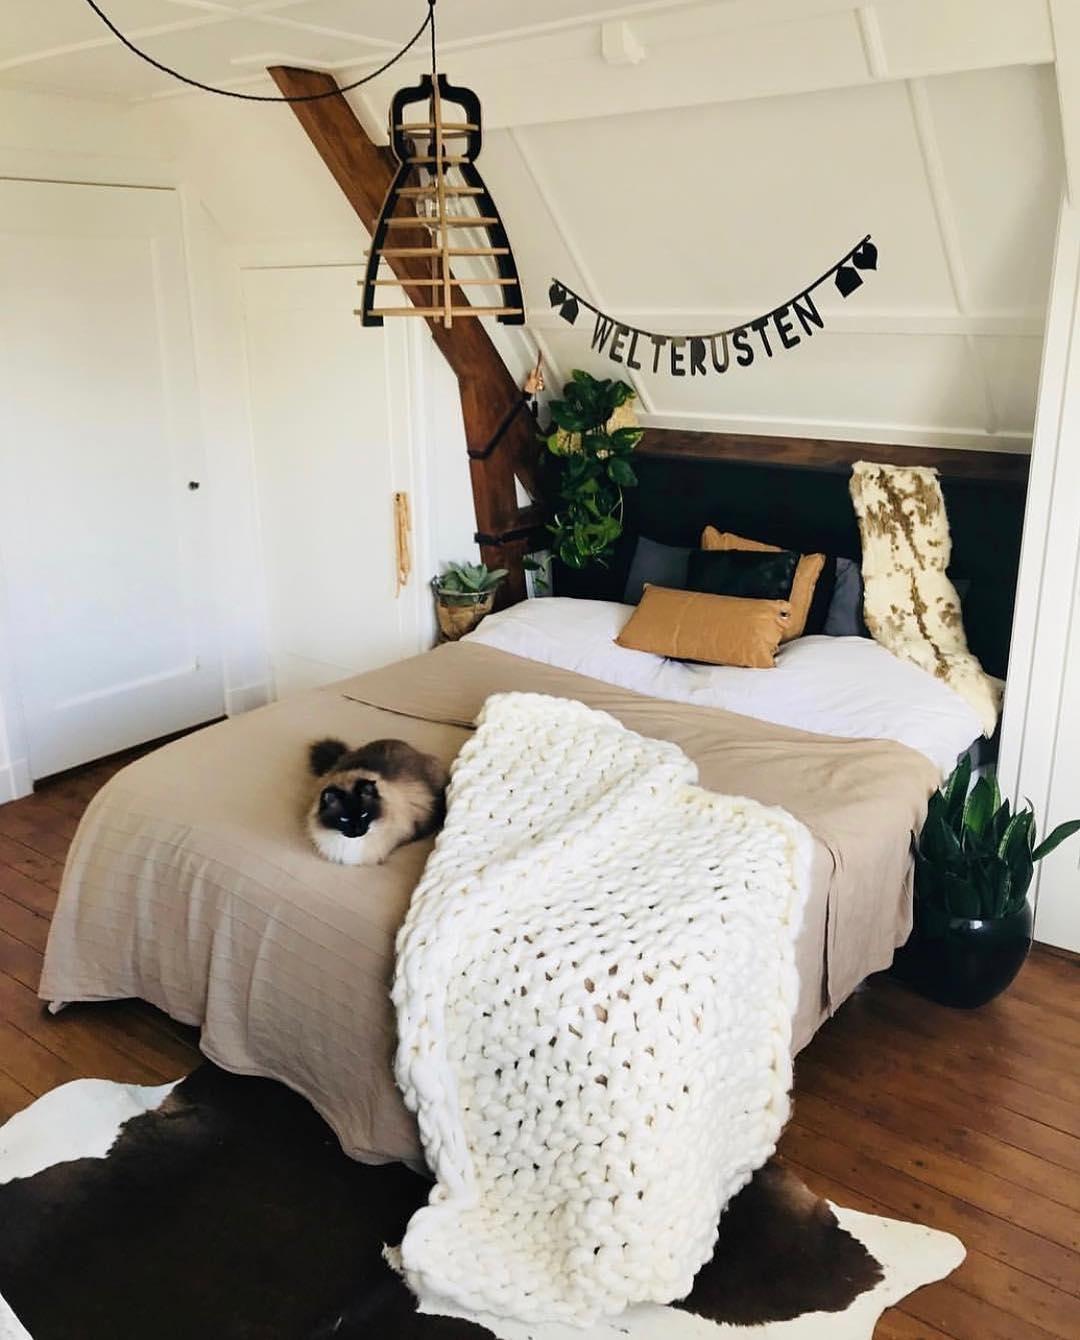 Full Size of Teppich Schlafzimmer Natural Dream In Diesem Sind Wunderschne Trume Komplett Mit Lattenrost Und Matratze Vorhänge Kommode Weiß Landhausstil Wiemann Bad Schlafzimmer Teppich Schlafzimmer